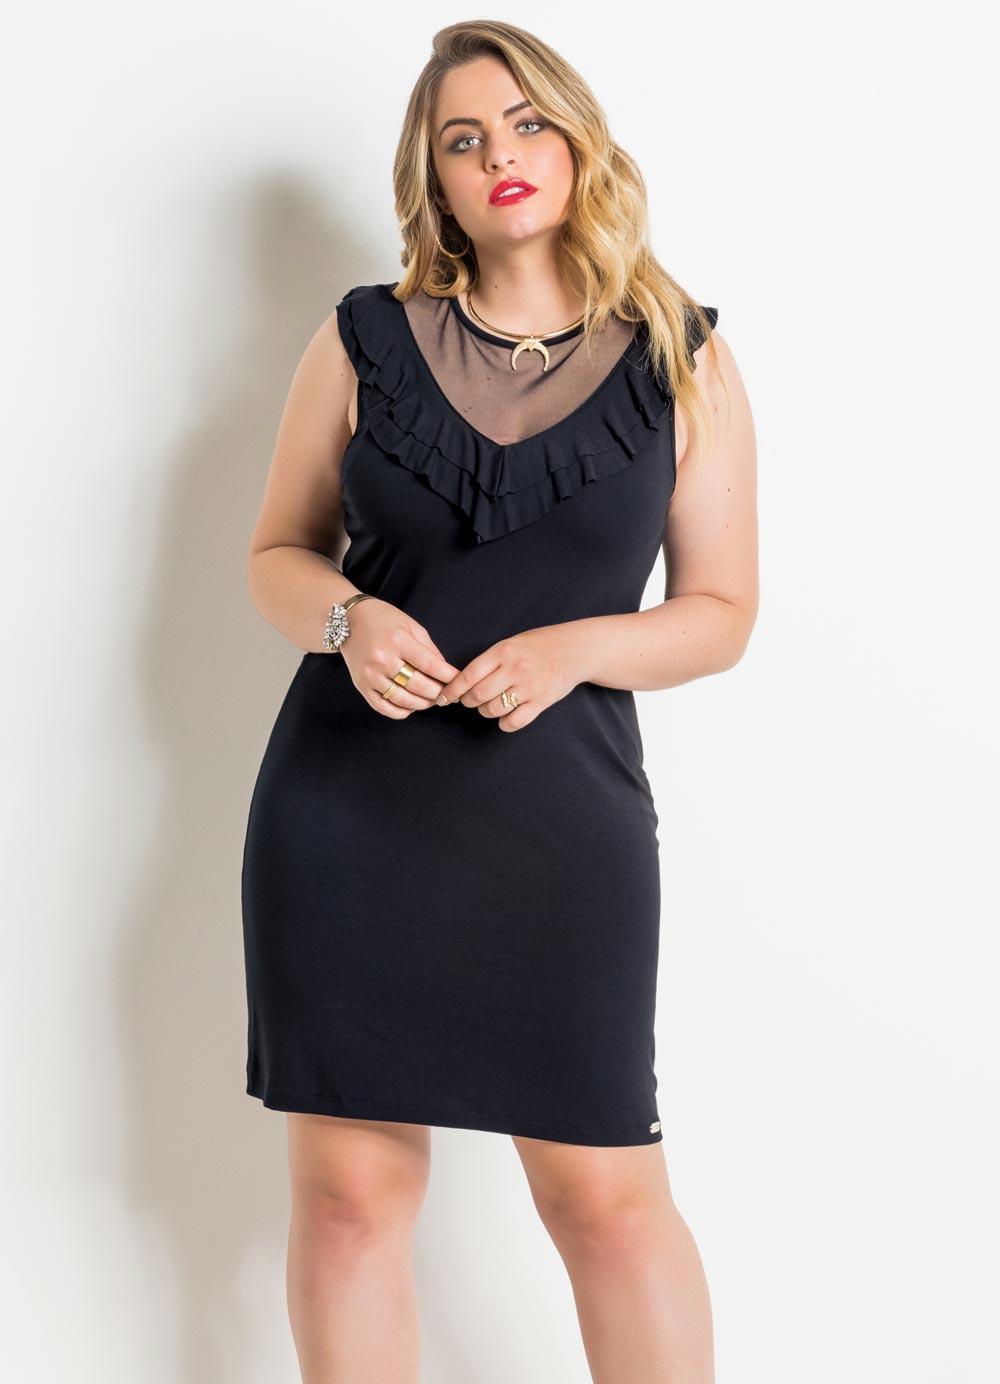 Ver fotos de vestidos preto